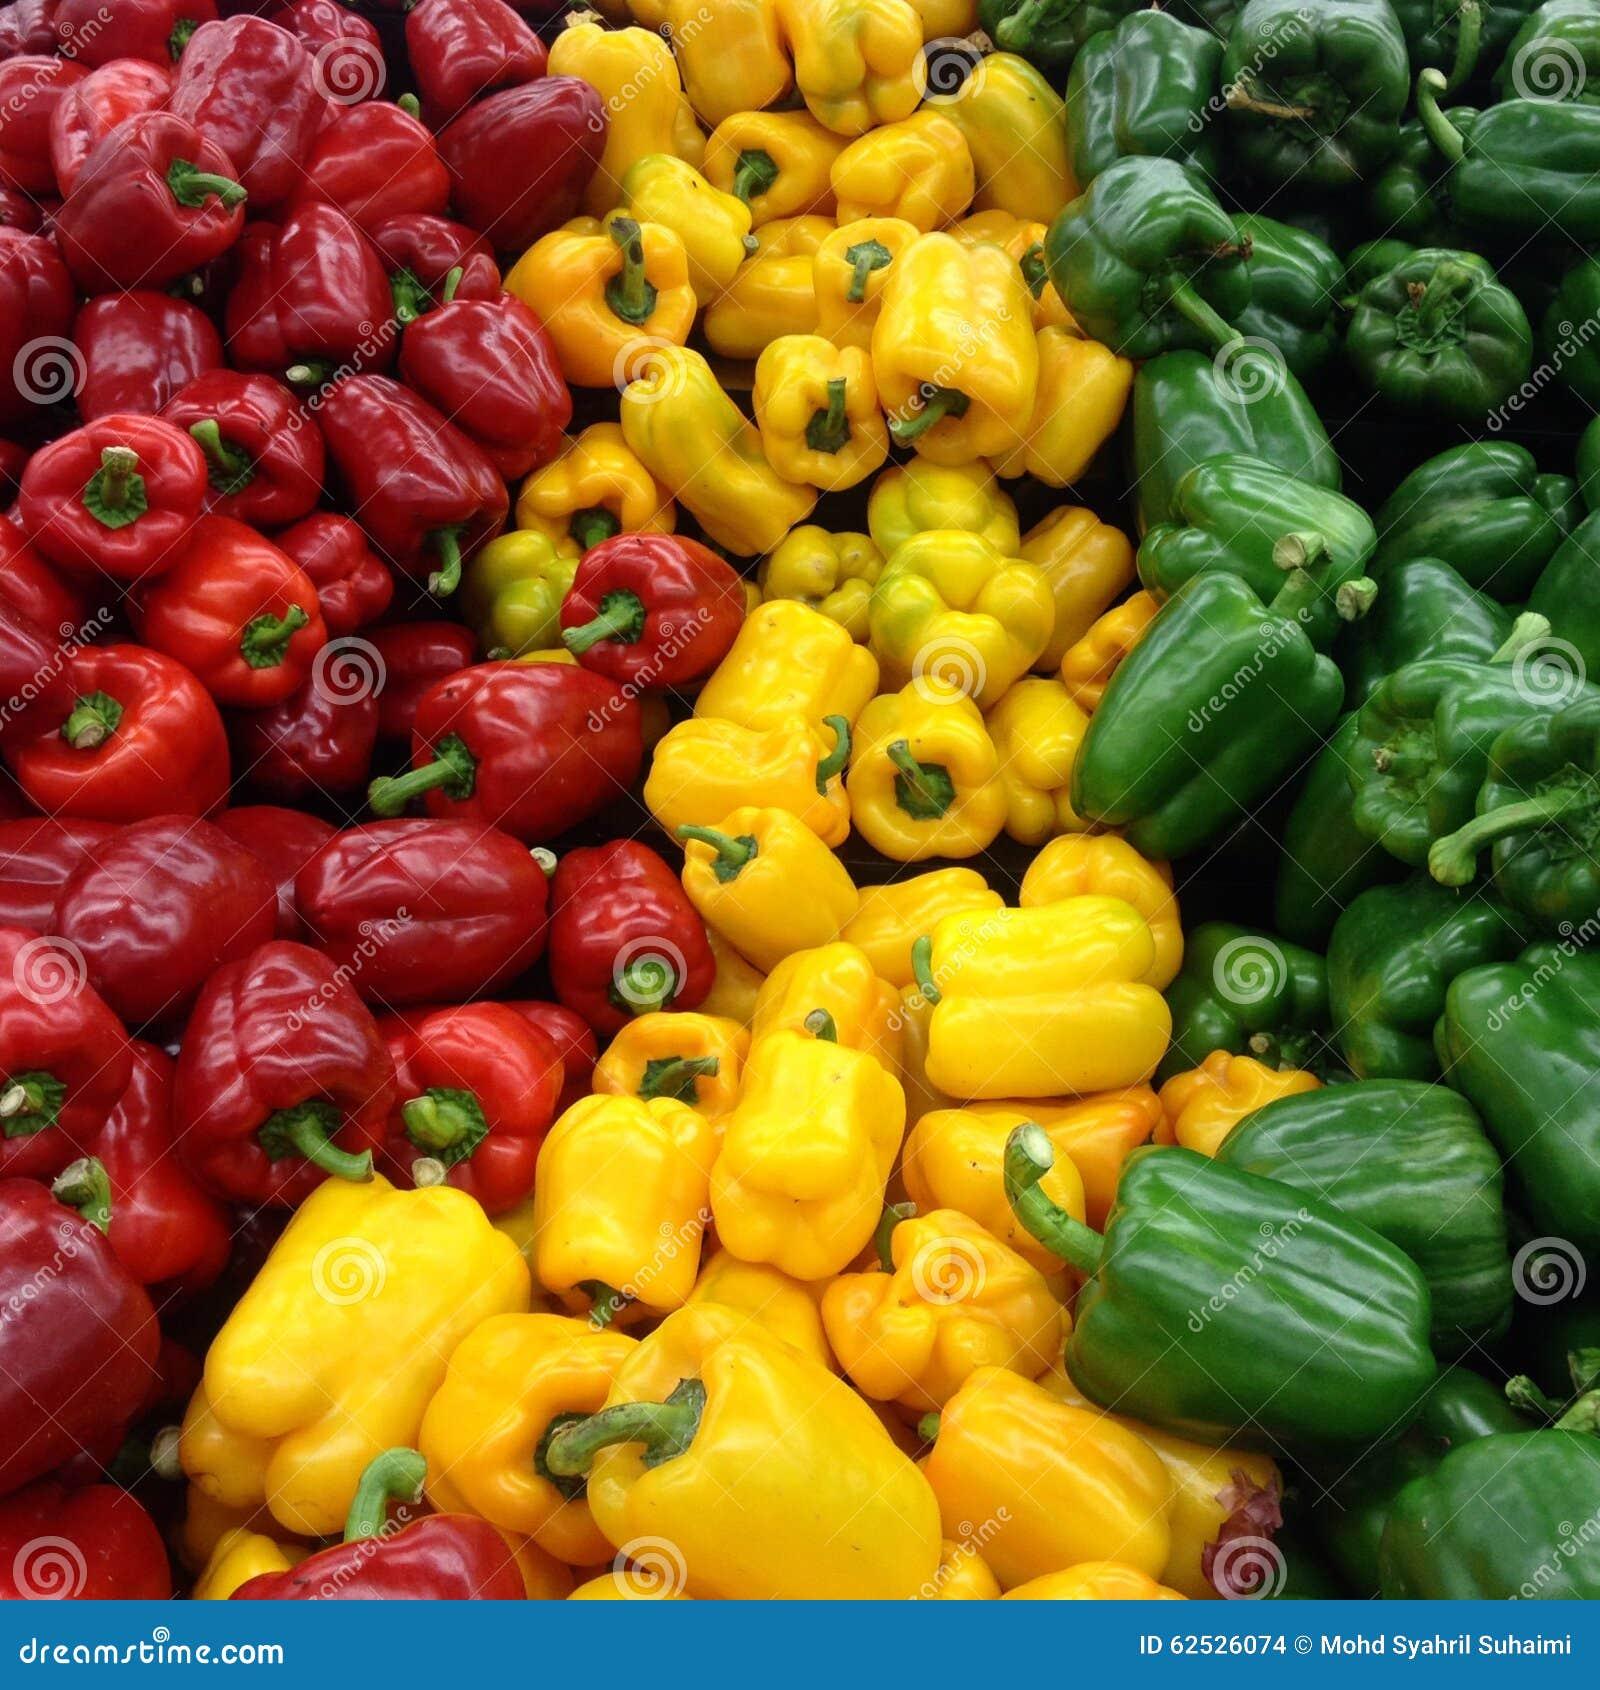 辣椒的果实